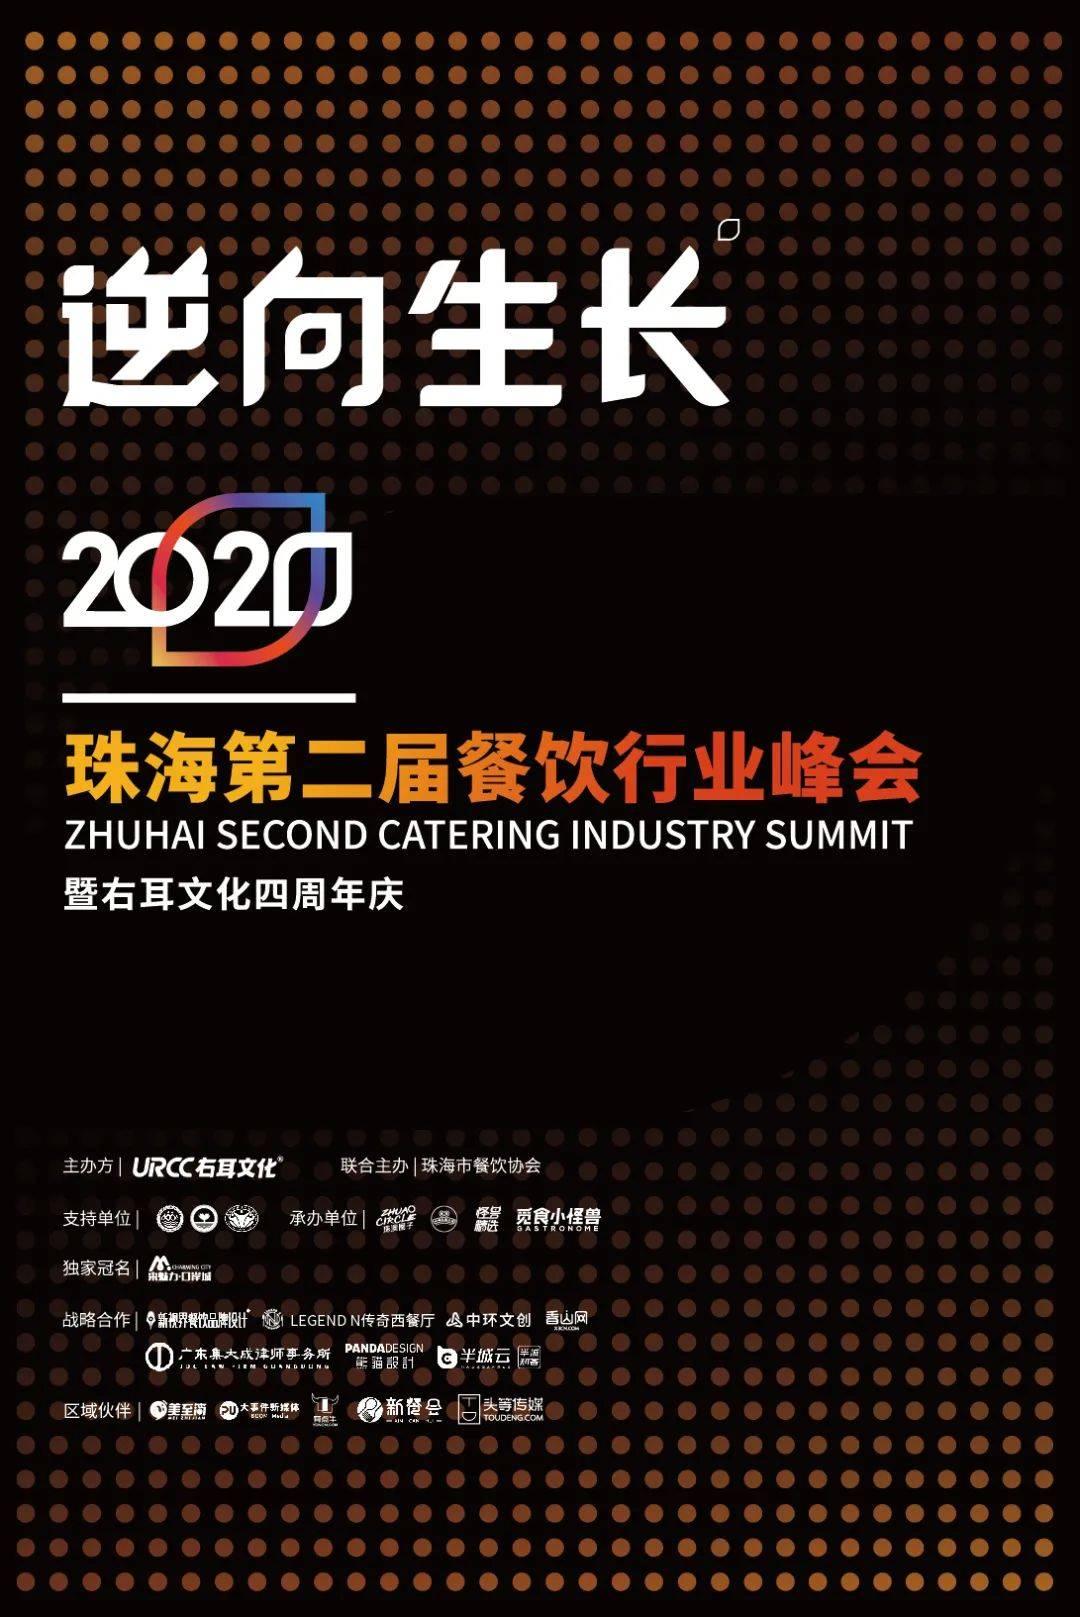 2020珠海第二届餐饮业峰会圆满落幕!